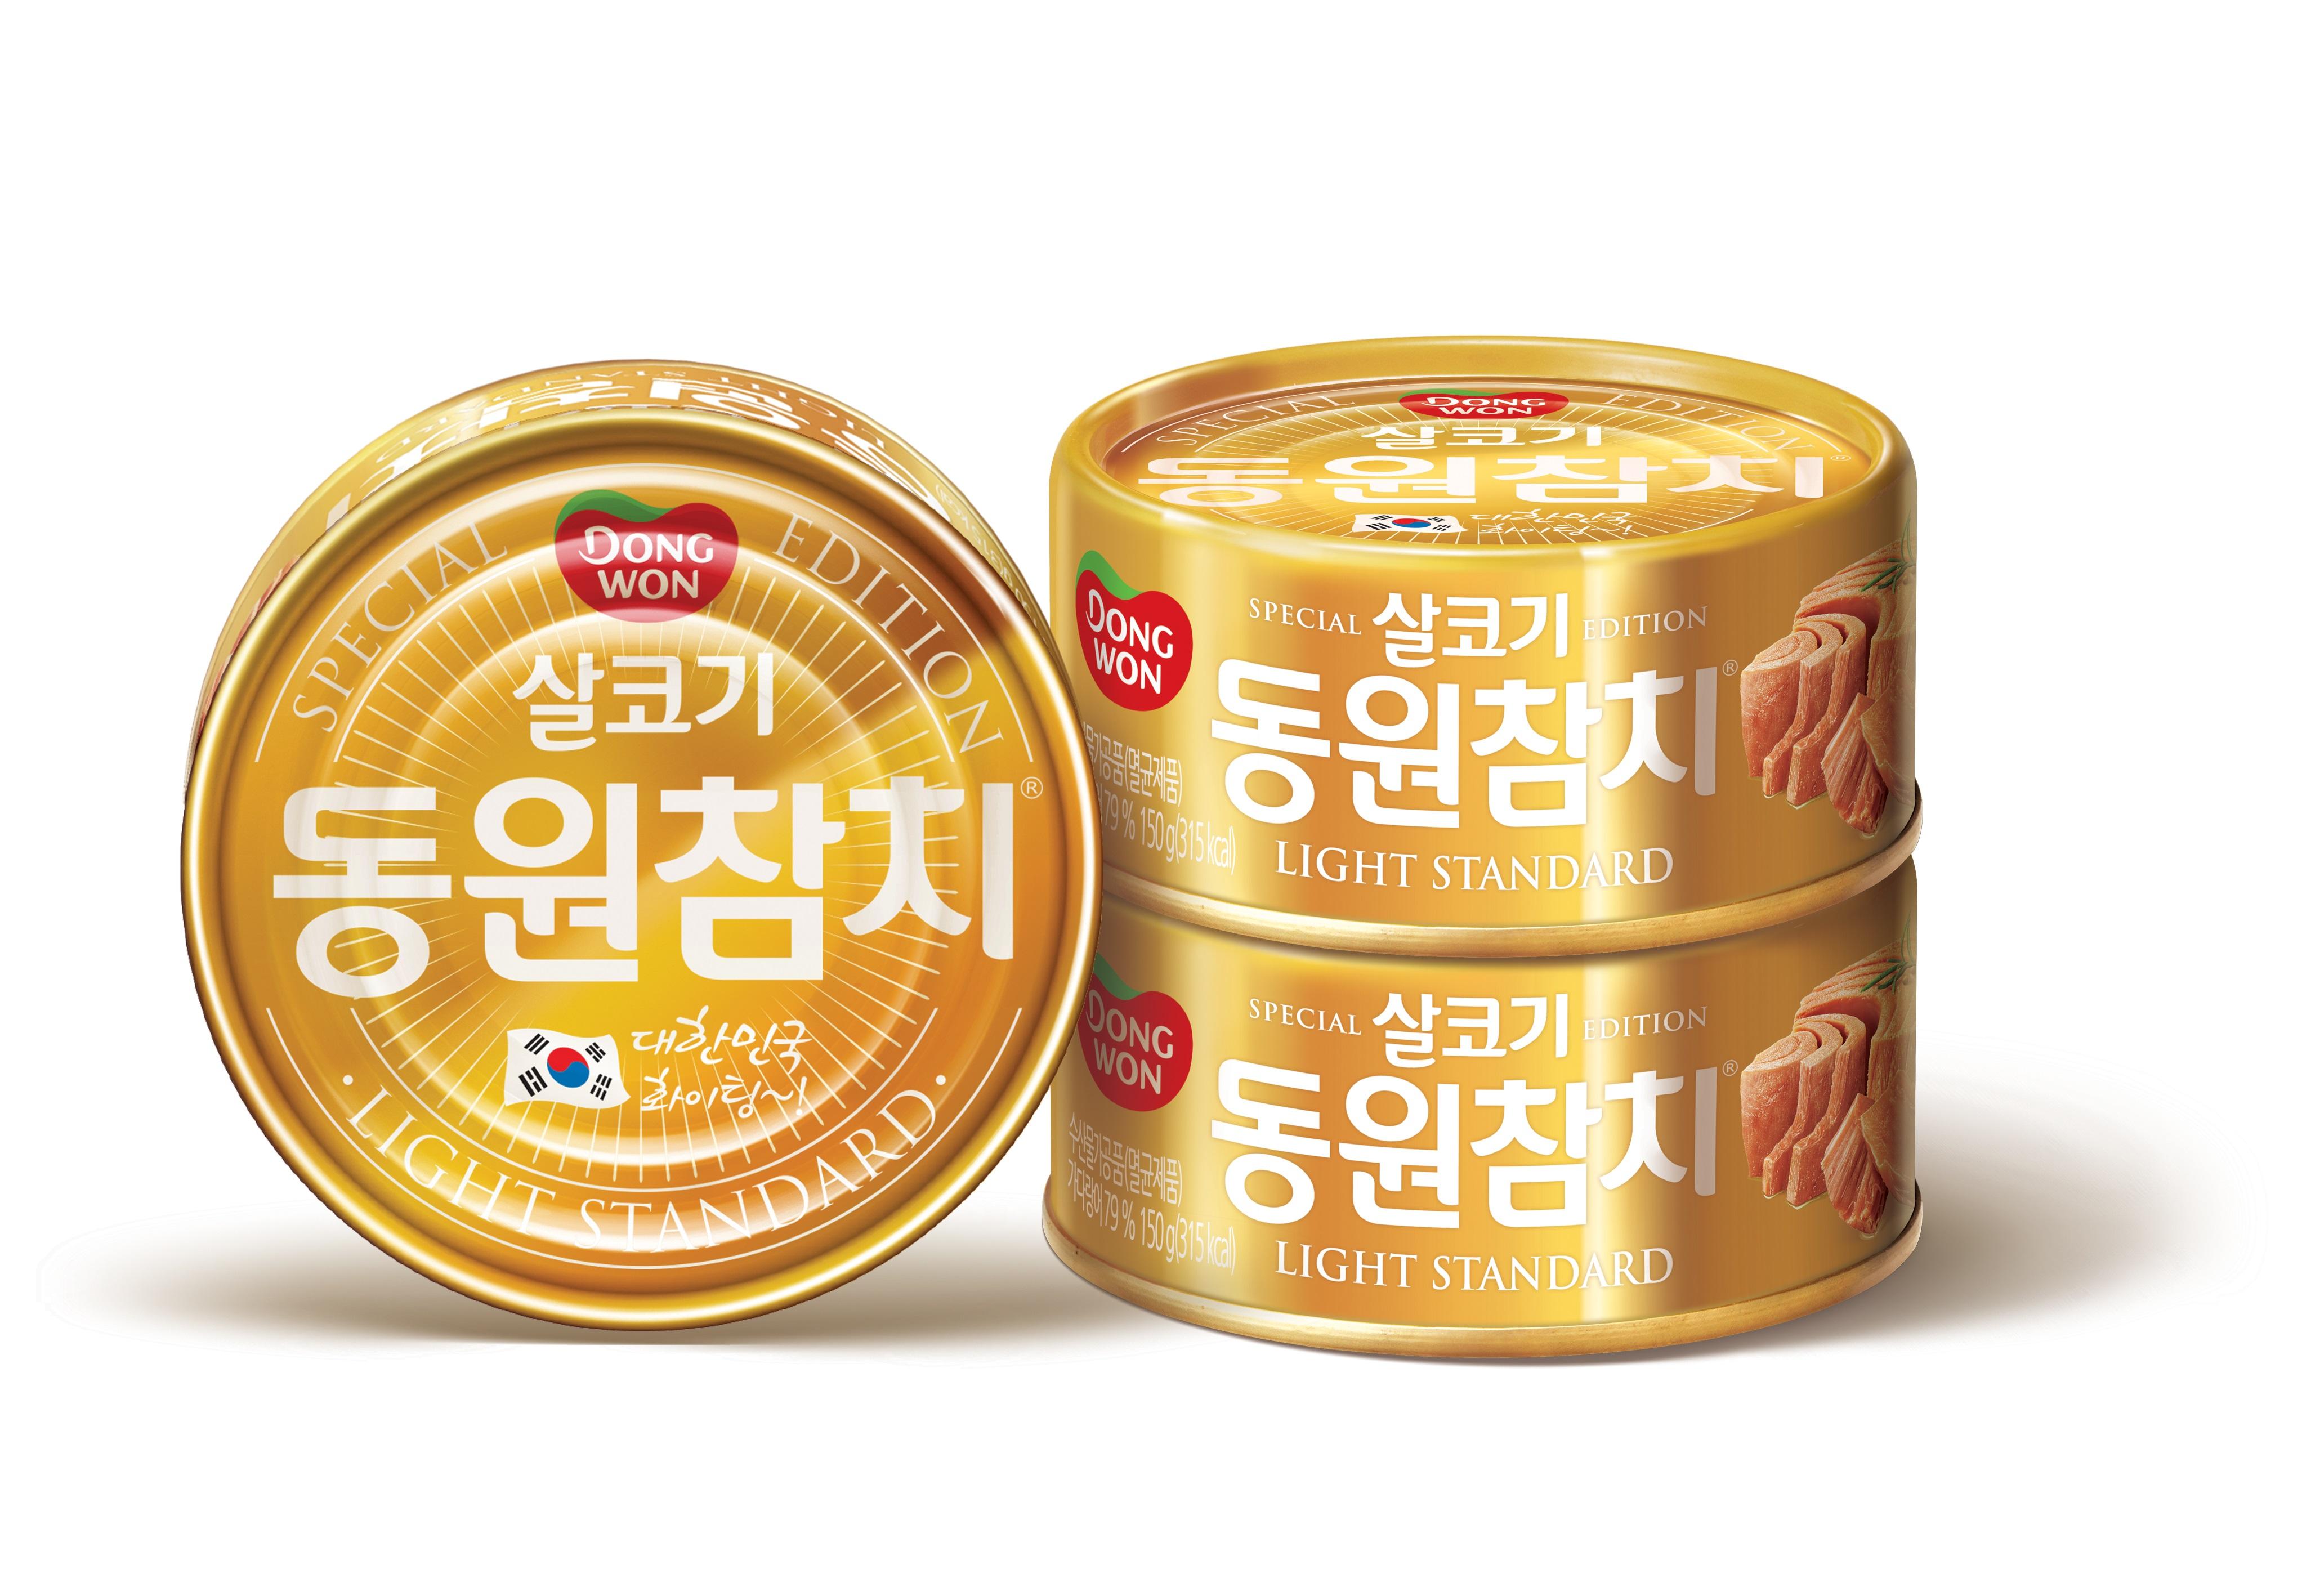 동원F&B, 특별 한정판 '동원 금메달참치' 출시